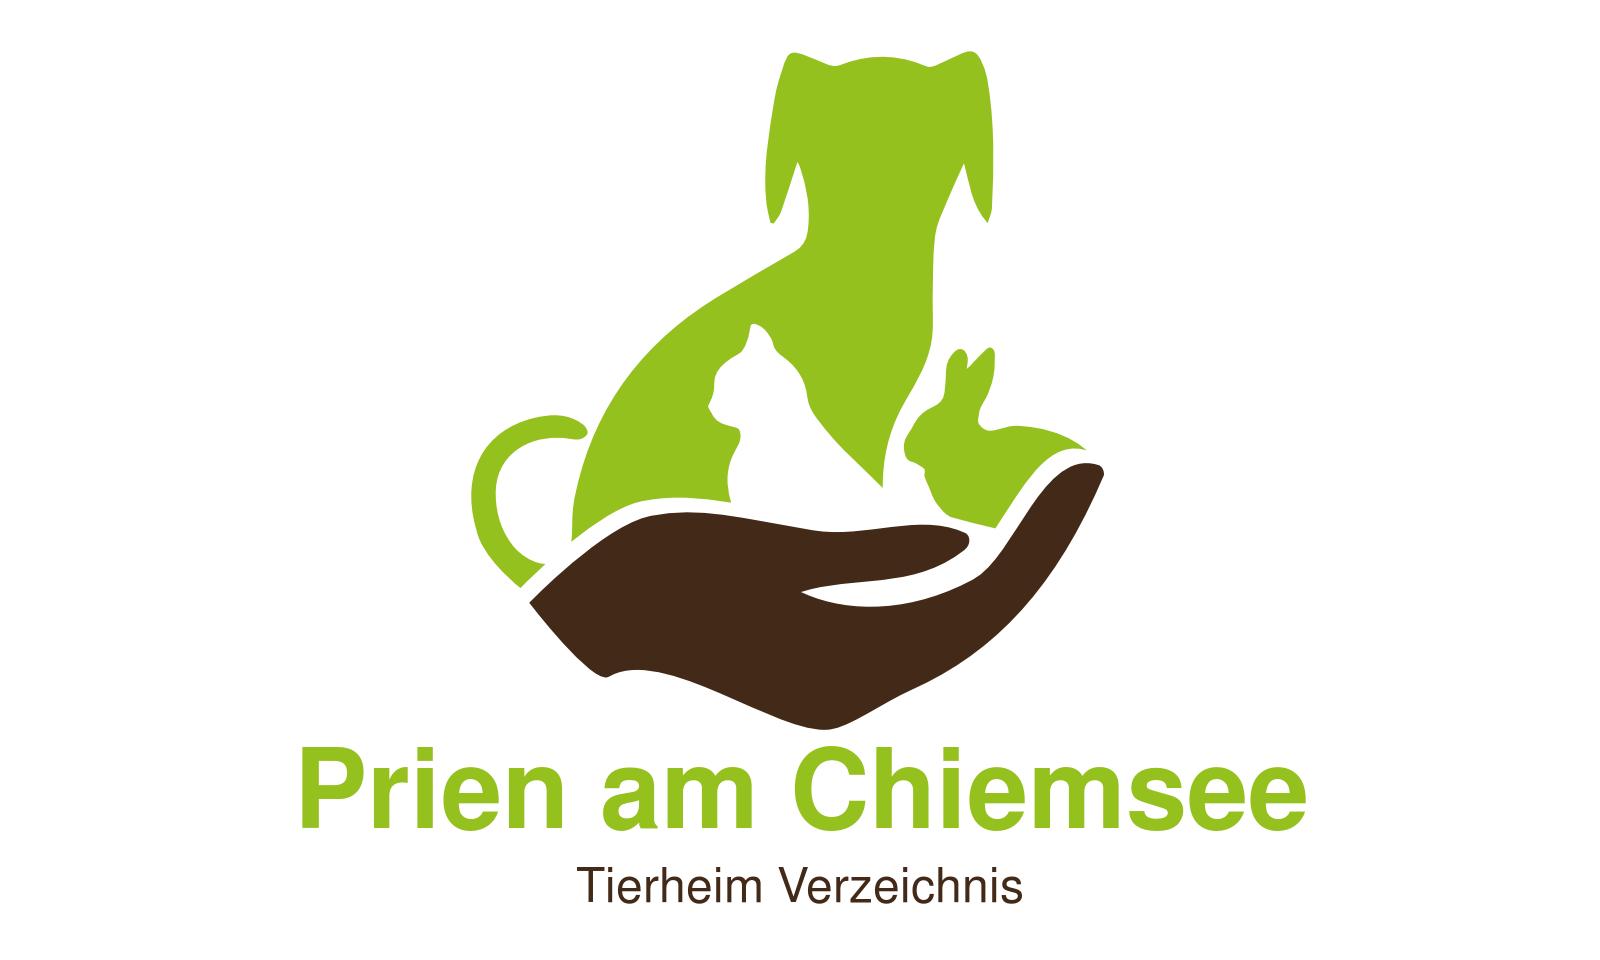 Tierheim Prien am Chiemsee